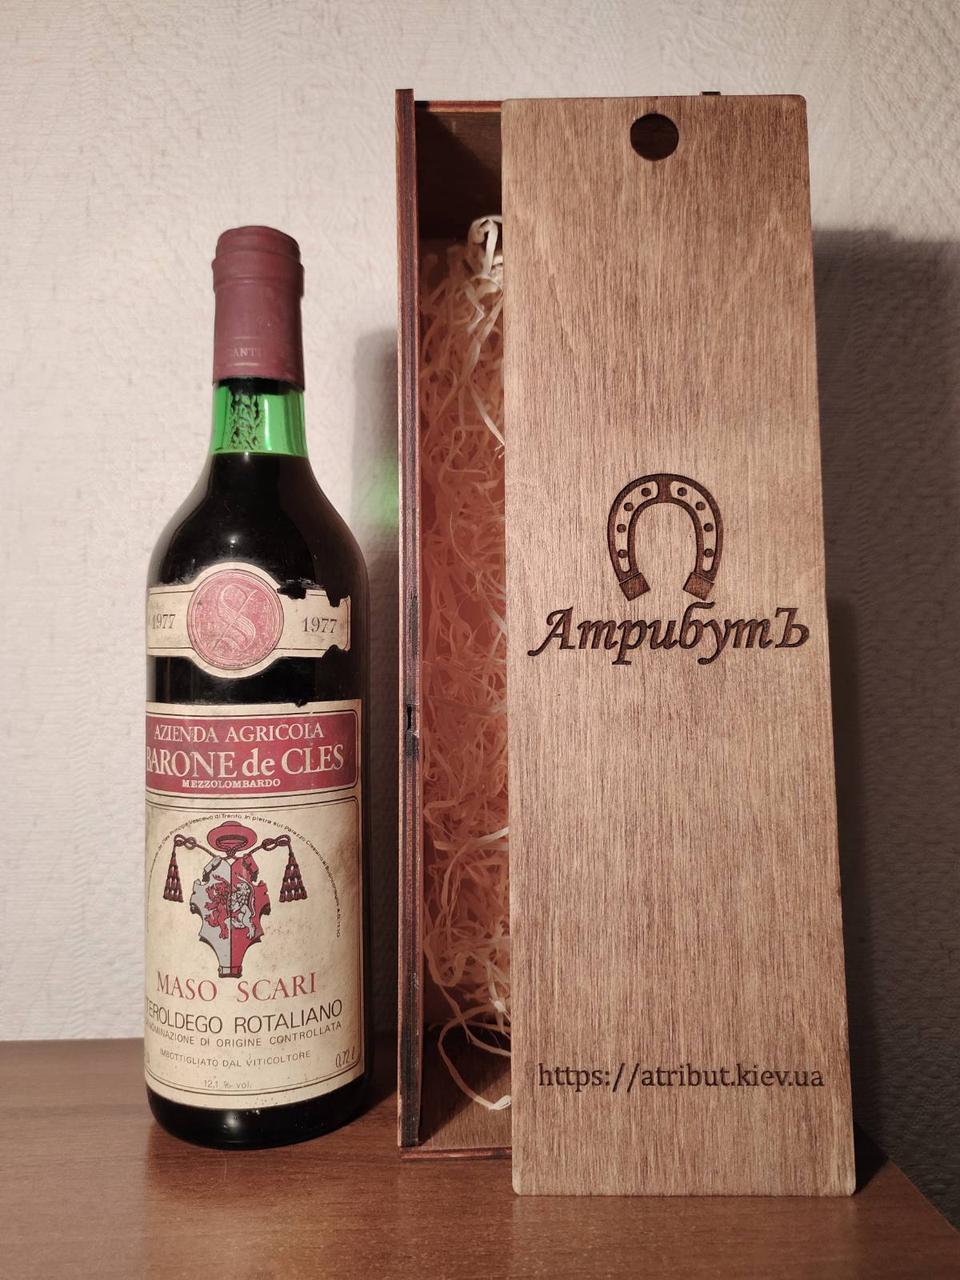 Вино 1977 года Barone de Cles Италия